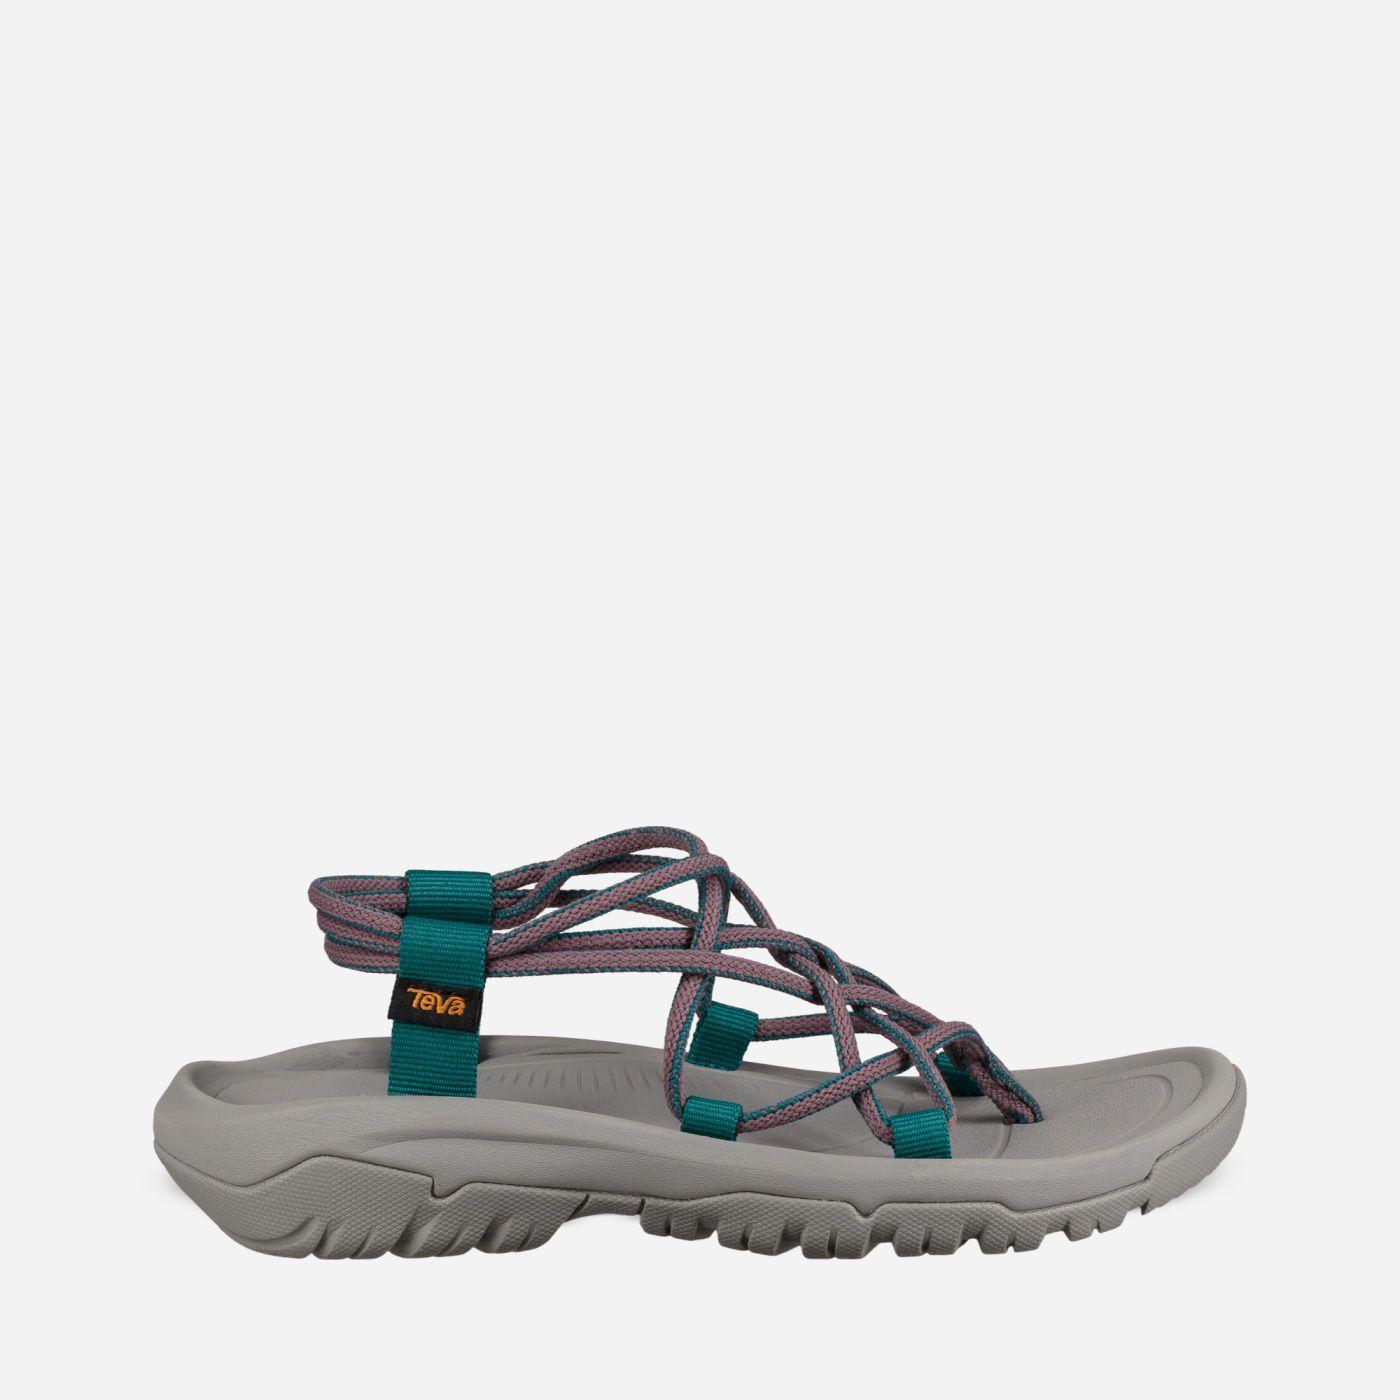 Teva Women S Hurricane Xlt Infinity Sandals In Quail Size 11 Sandals Infinity Models Infinity